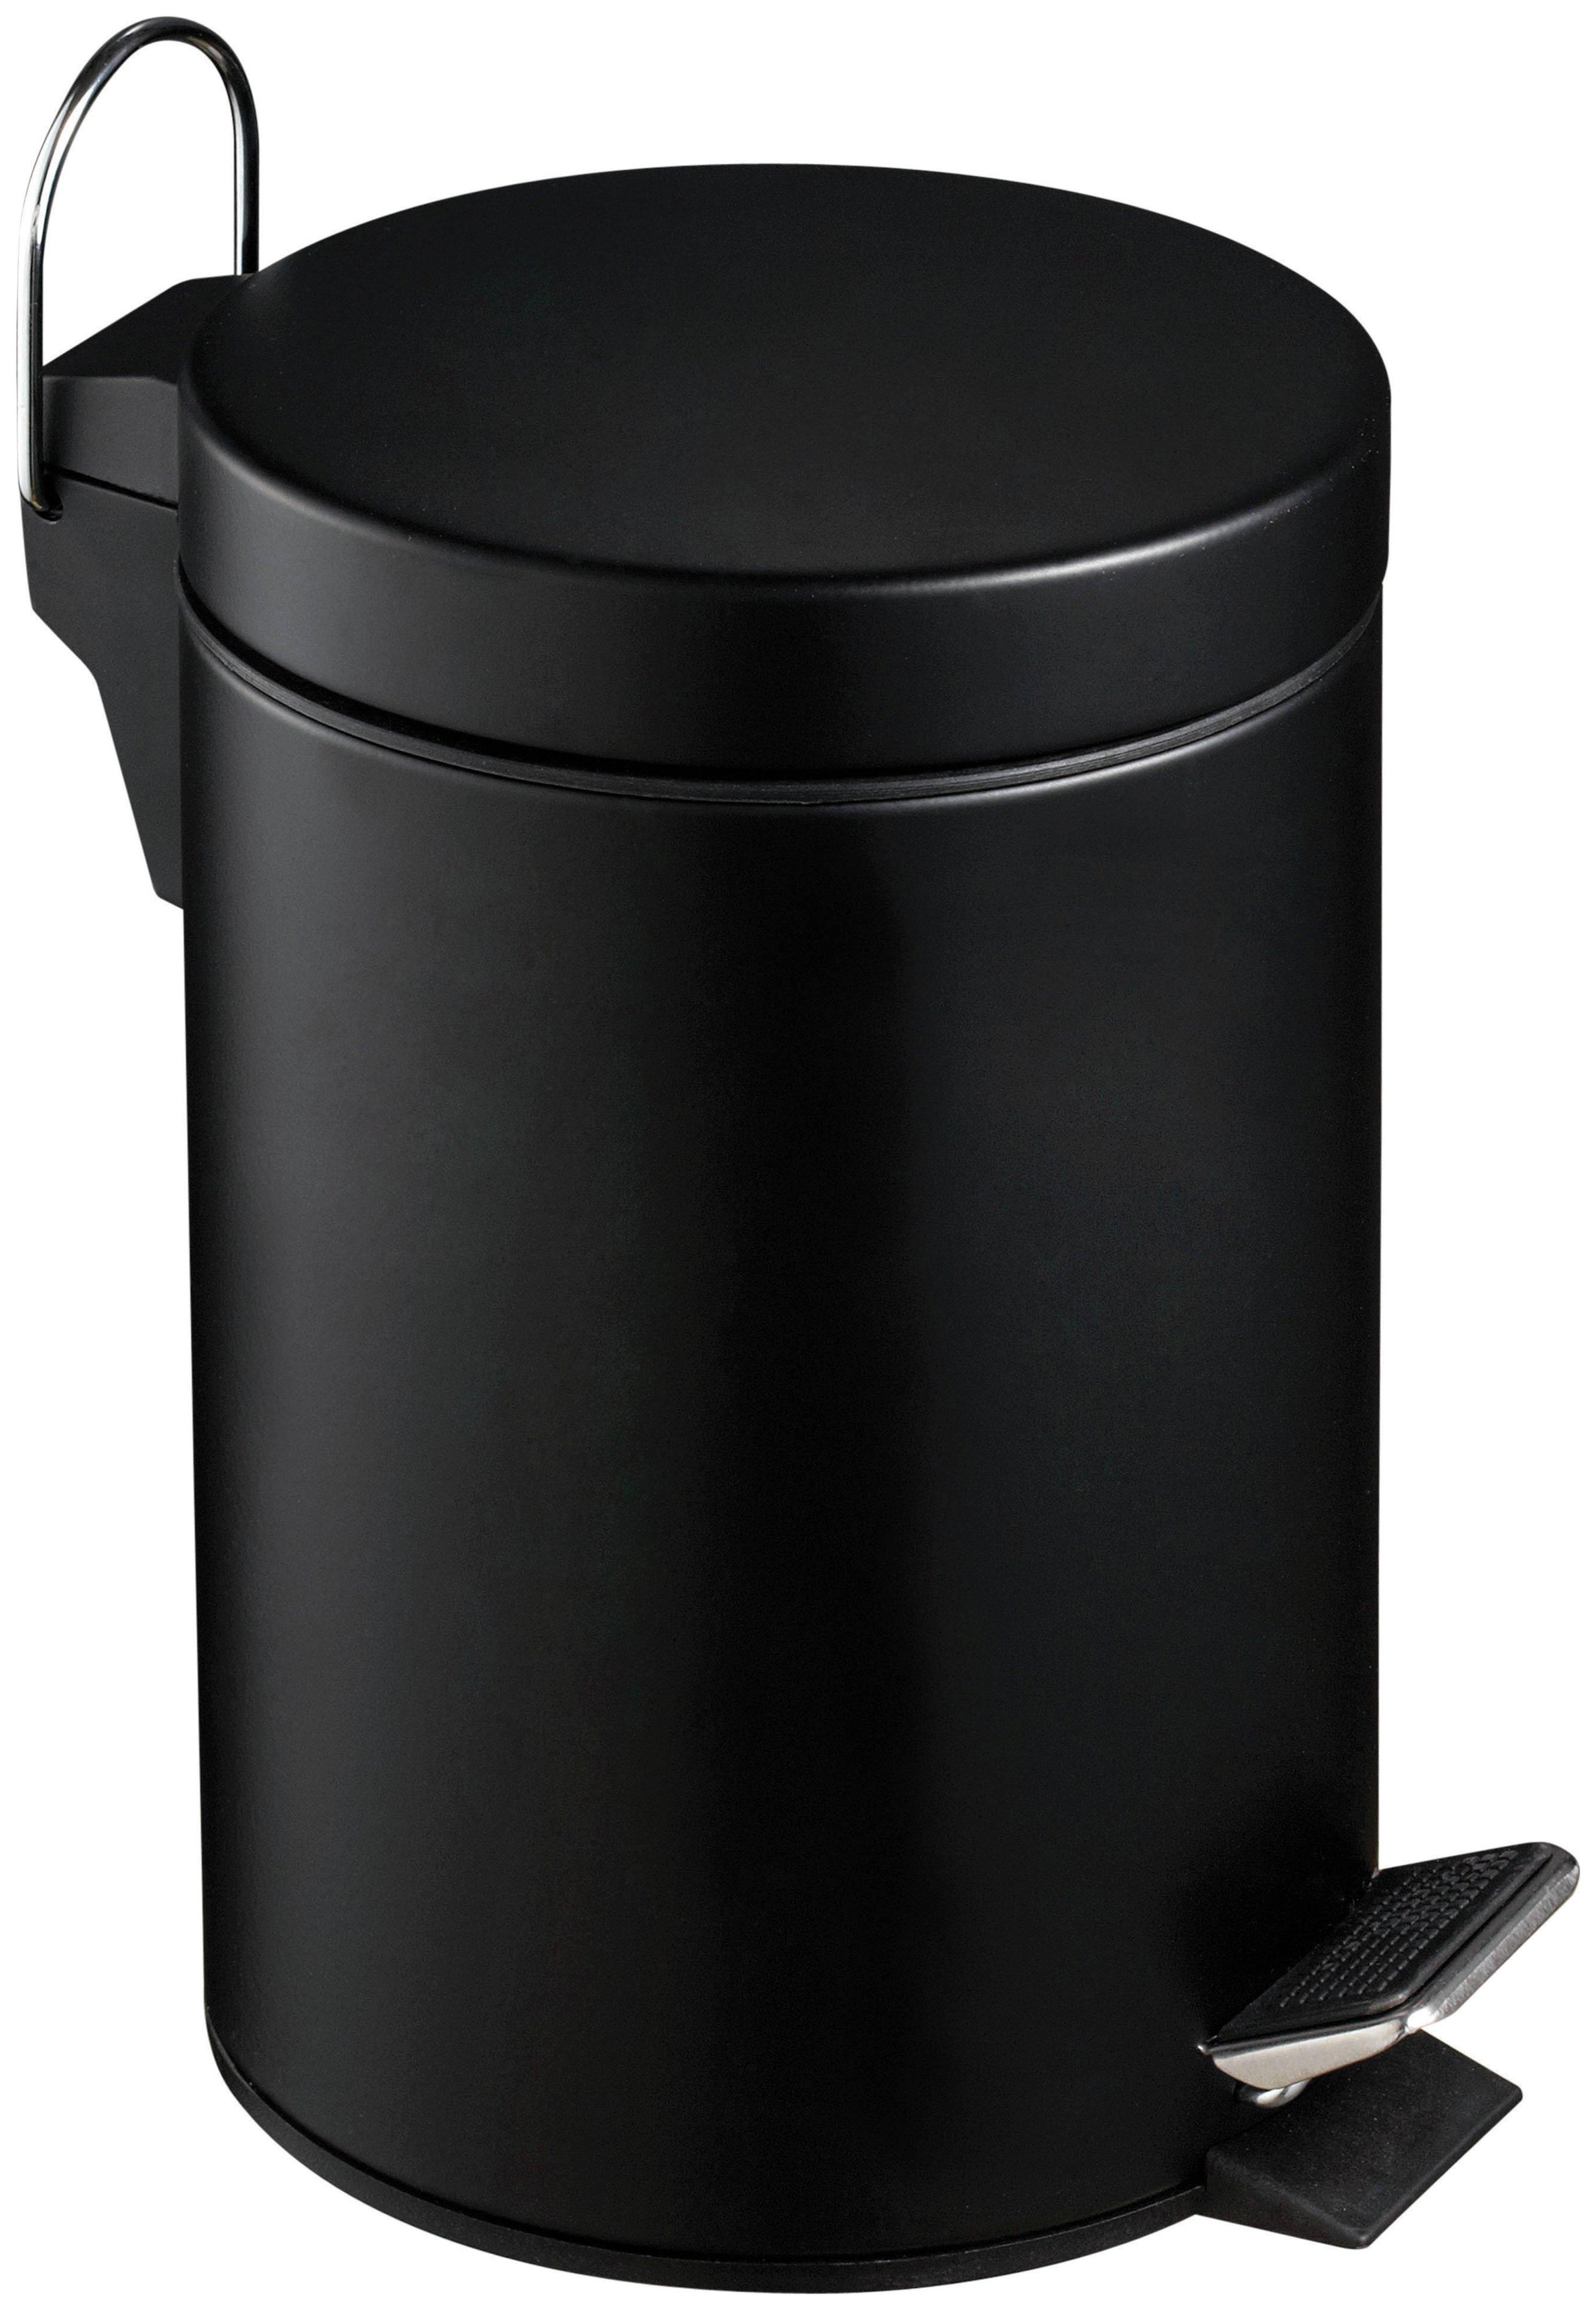 3 Litre Pedal Bin with Plastic Inner - Matte Black.